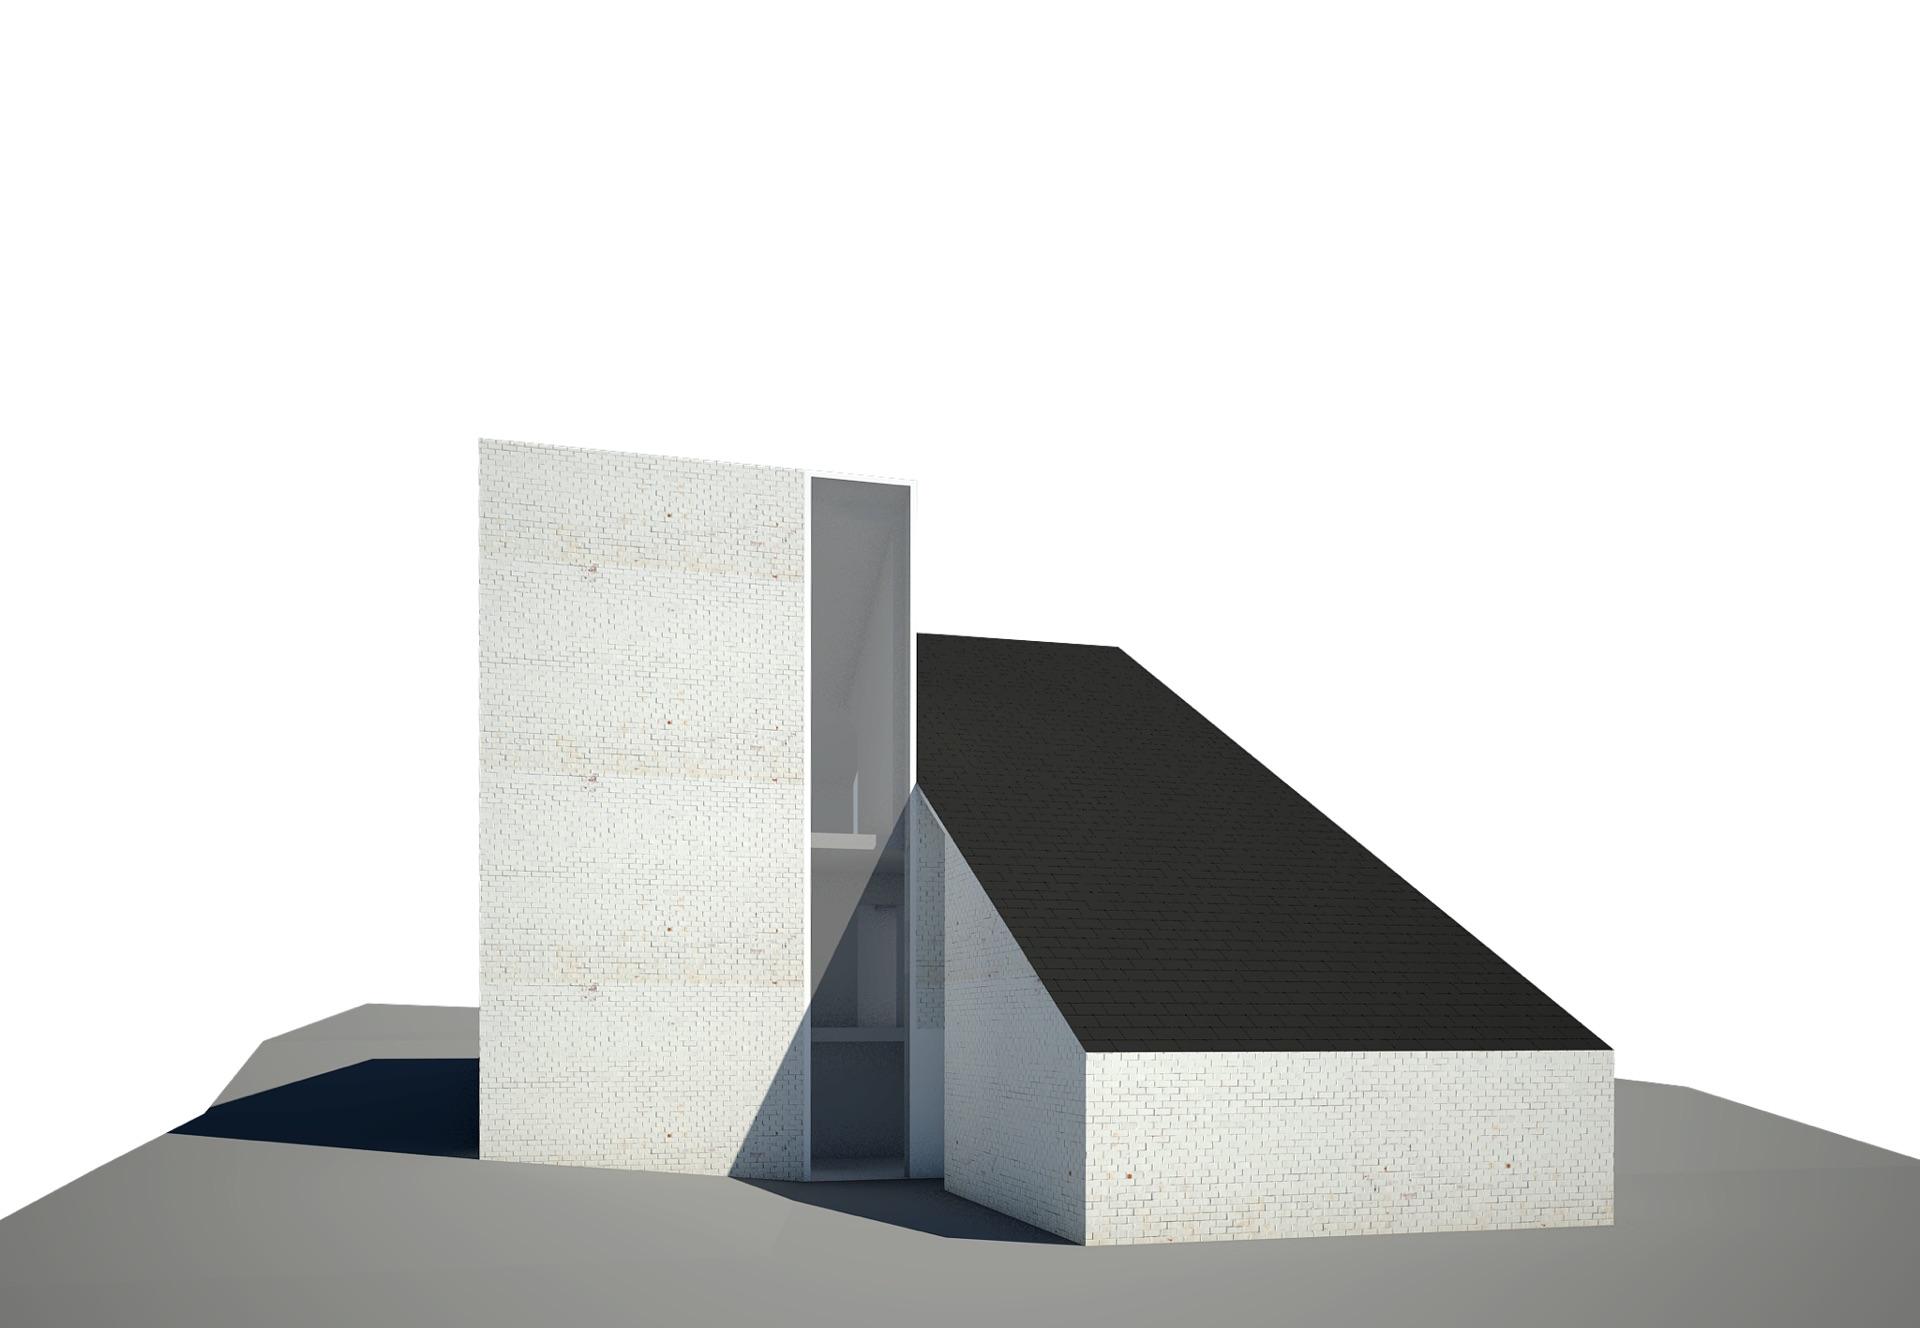 Woning g f sint genesius rode bruno vanbesien architects for G architecture massy